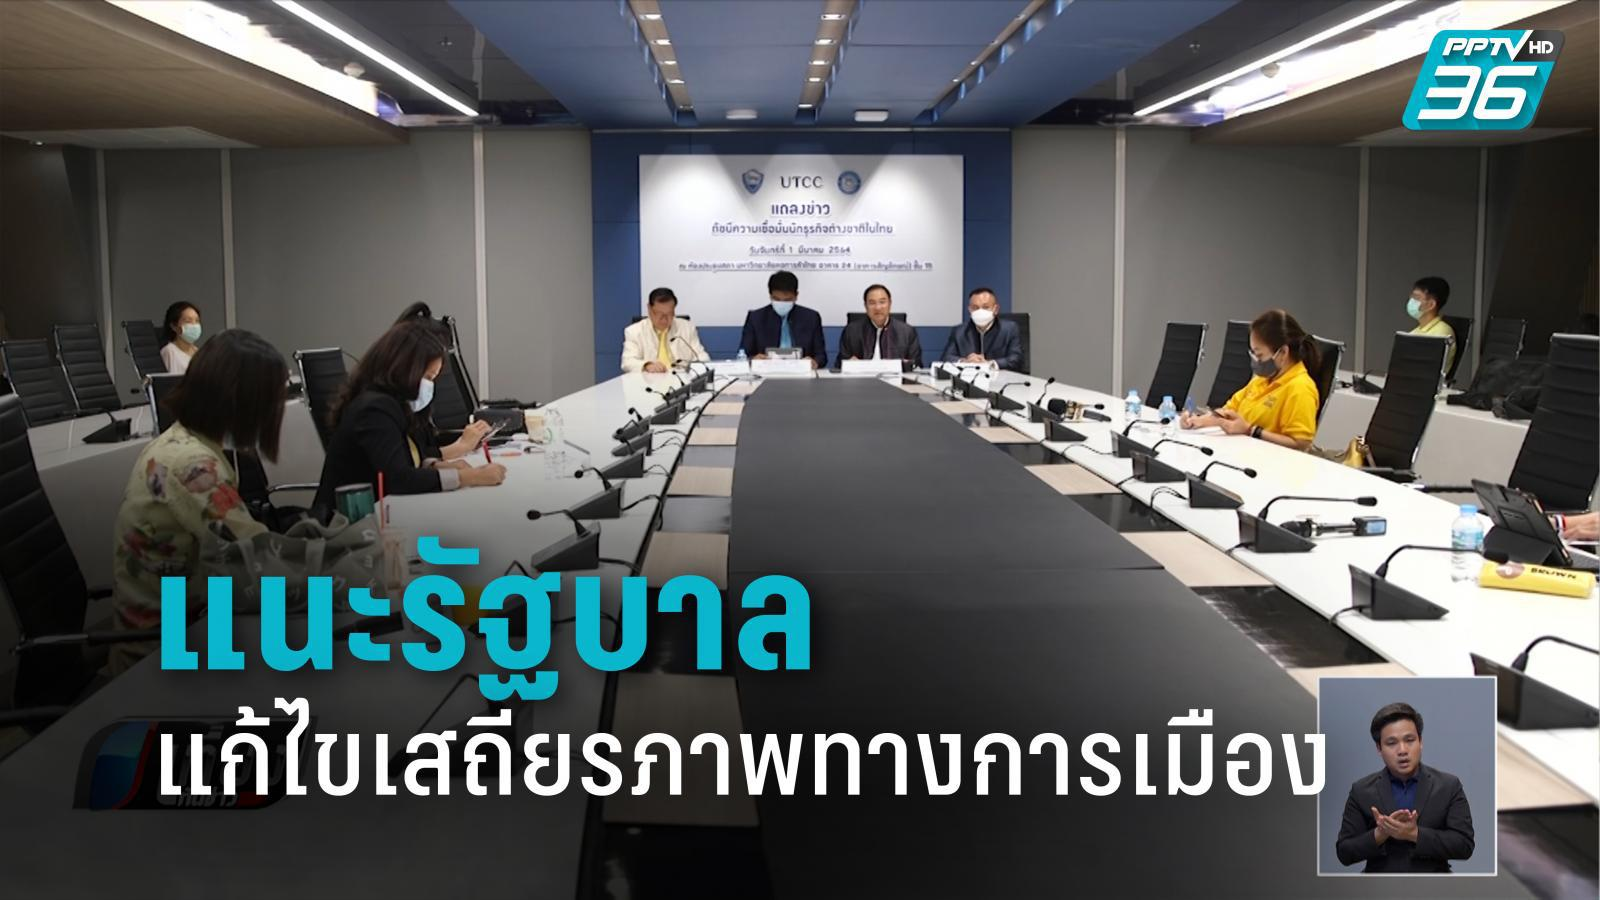 นักธุรกิจต่างชาติ มองเศรษฐกิจไทยฟื้นครึ่งปีหลัง  แนะรัฐบาลแก้ไขเสถียรภาพทางการเมือง